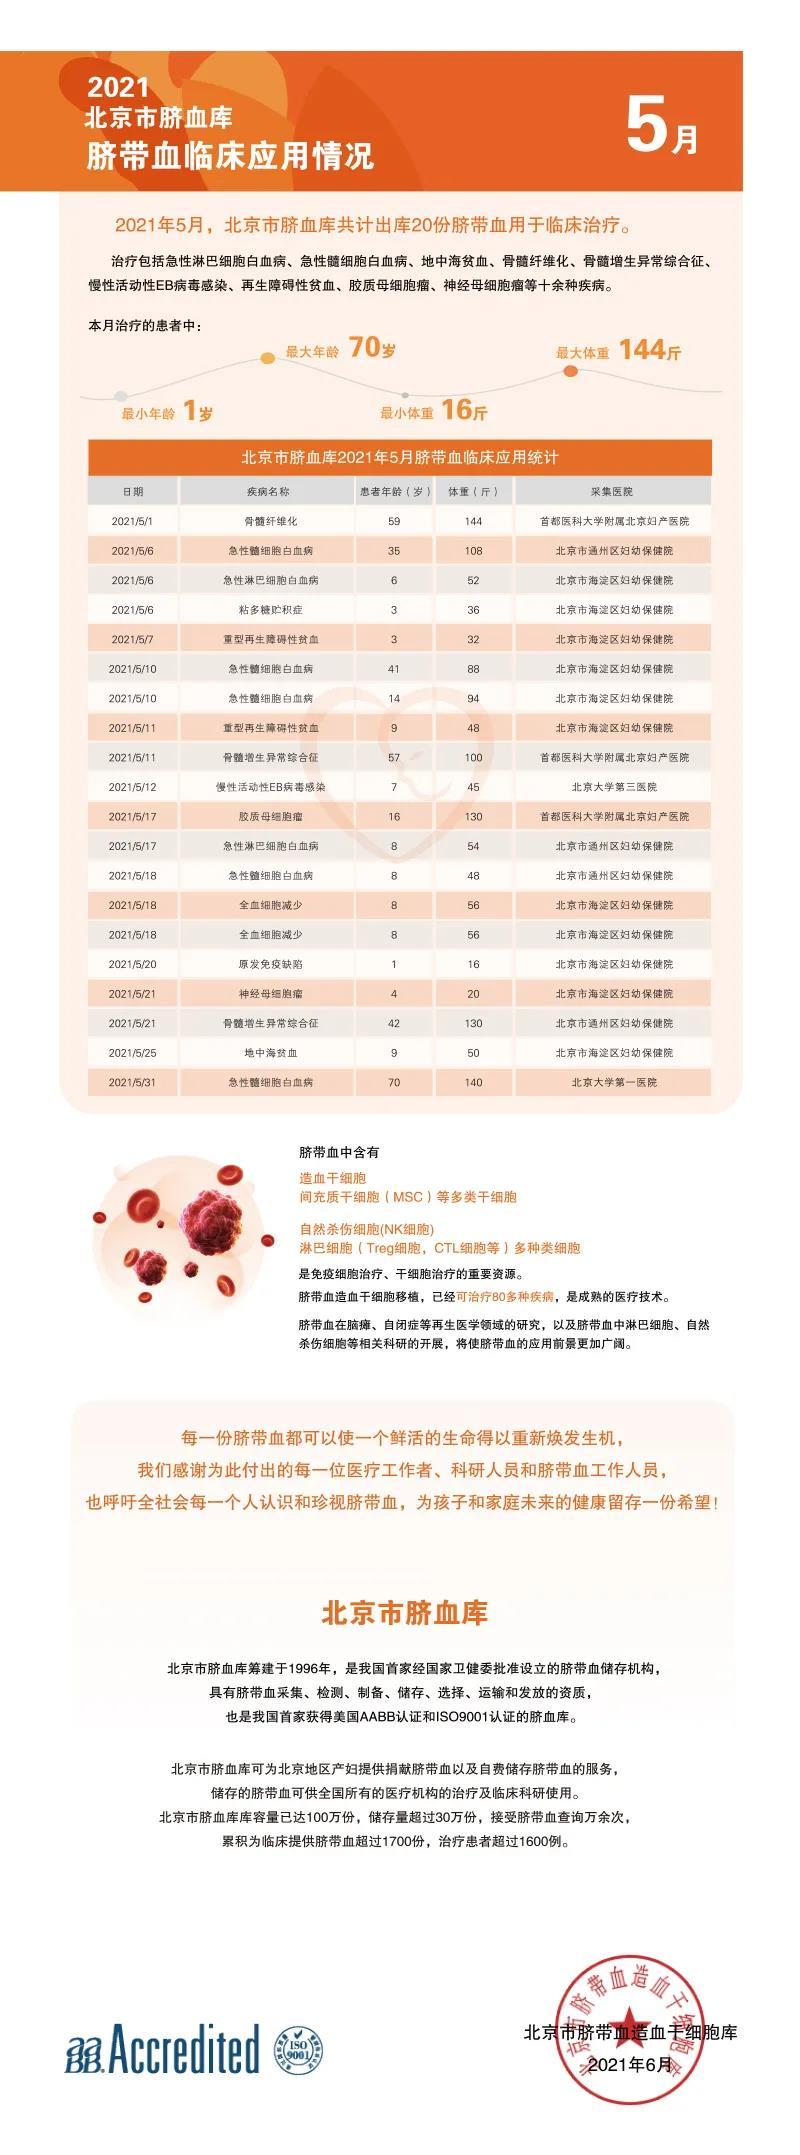 北京市脐血库2021年5月脐带血临床应用报告.jpg